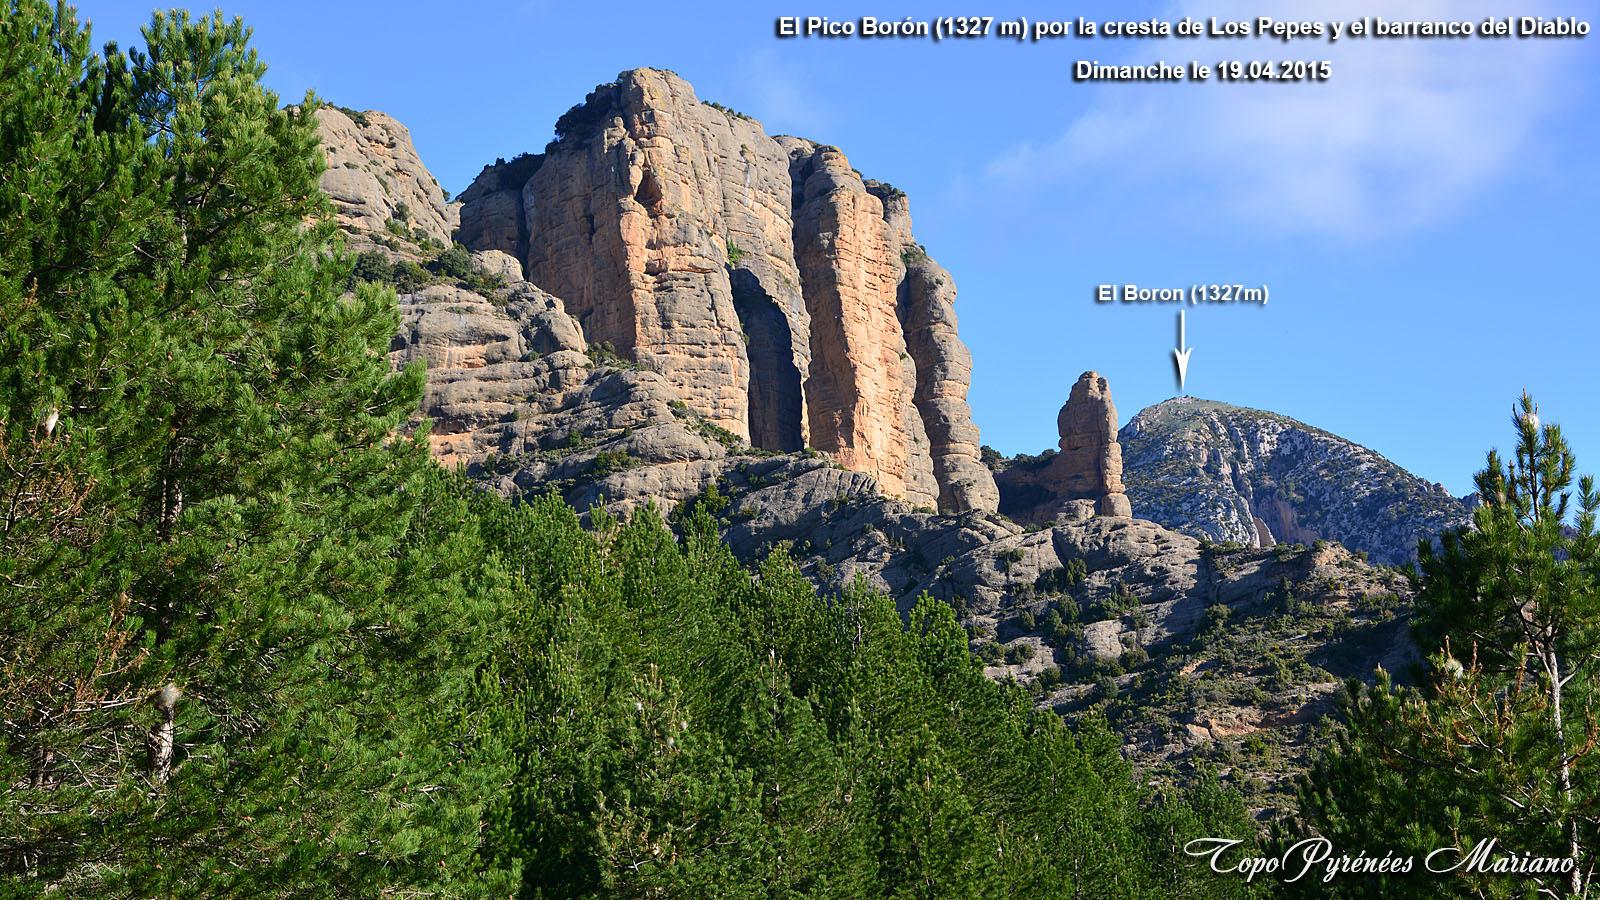 Randonnée Pico Borón (1327m) par les crêtes de Los Pepes y el barranco del Diablo